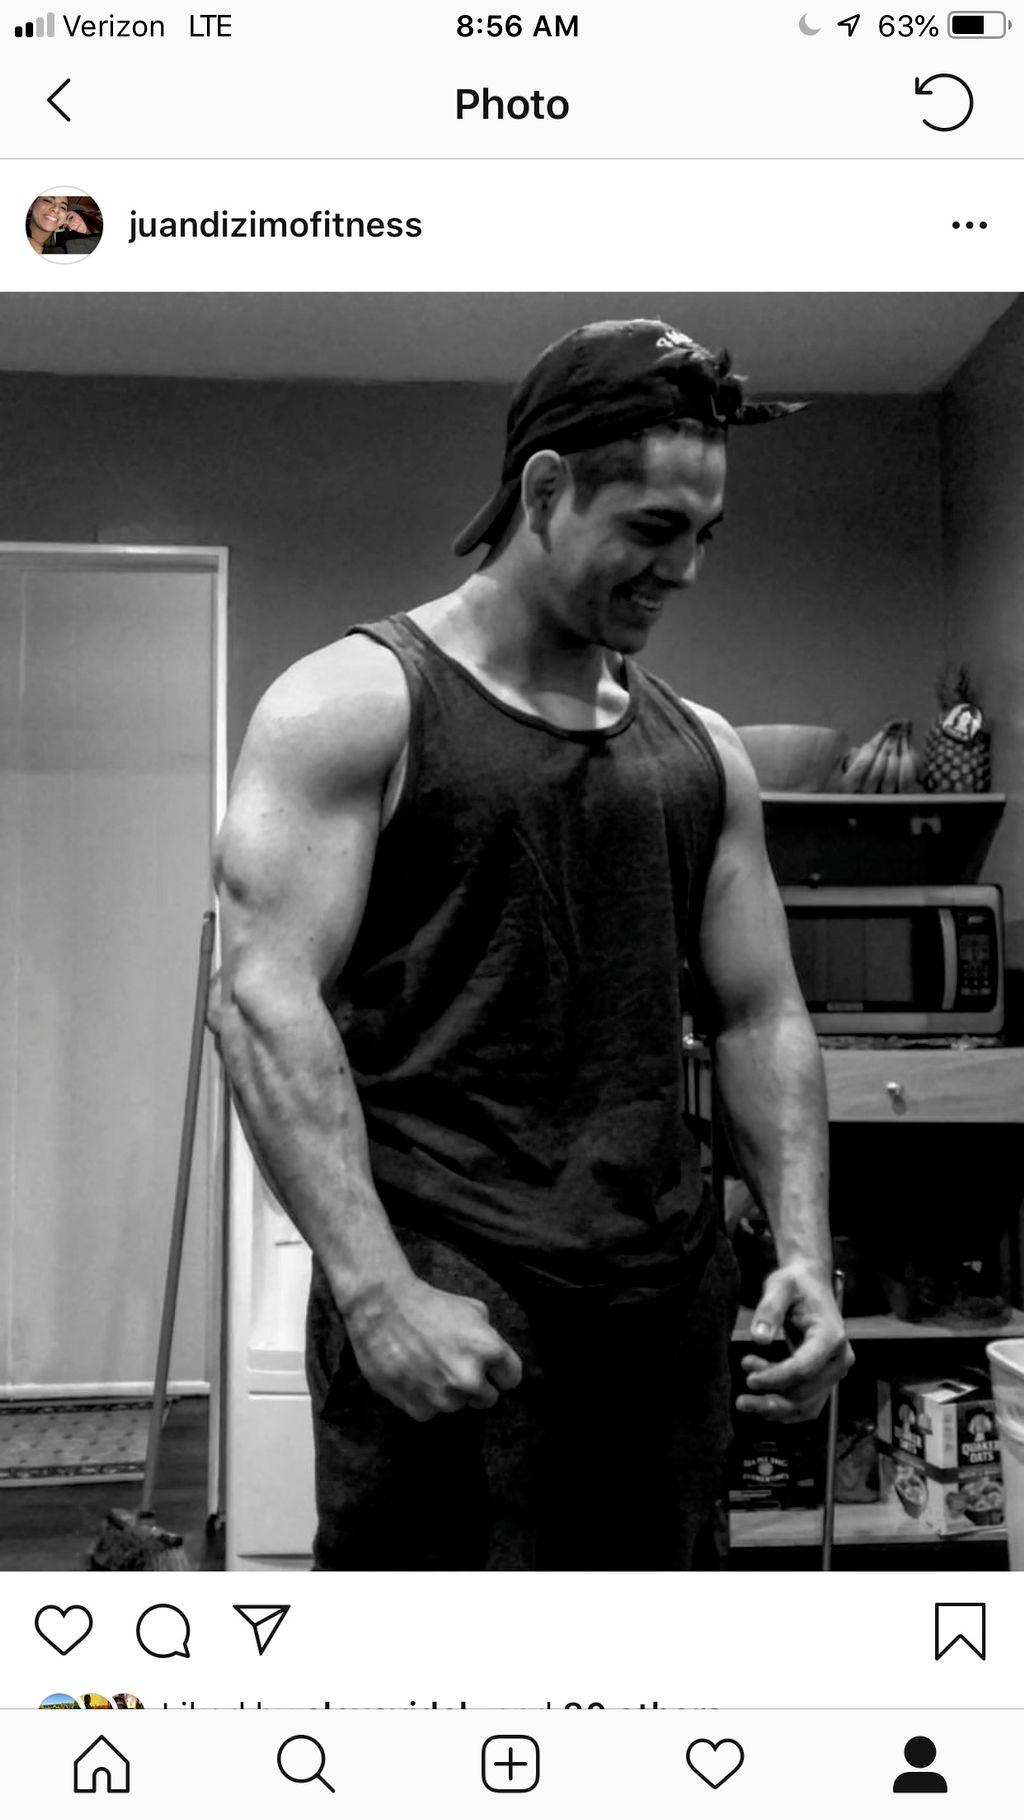 Juandizimo Fitness